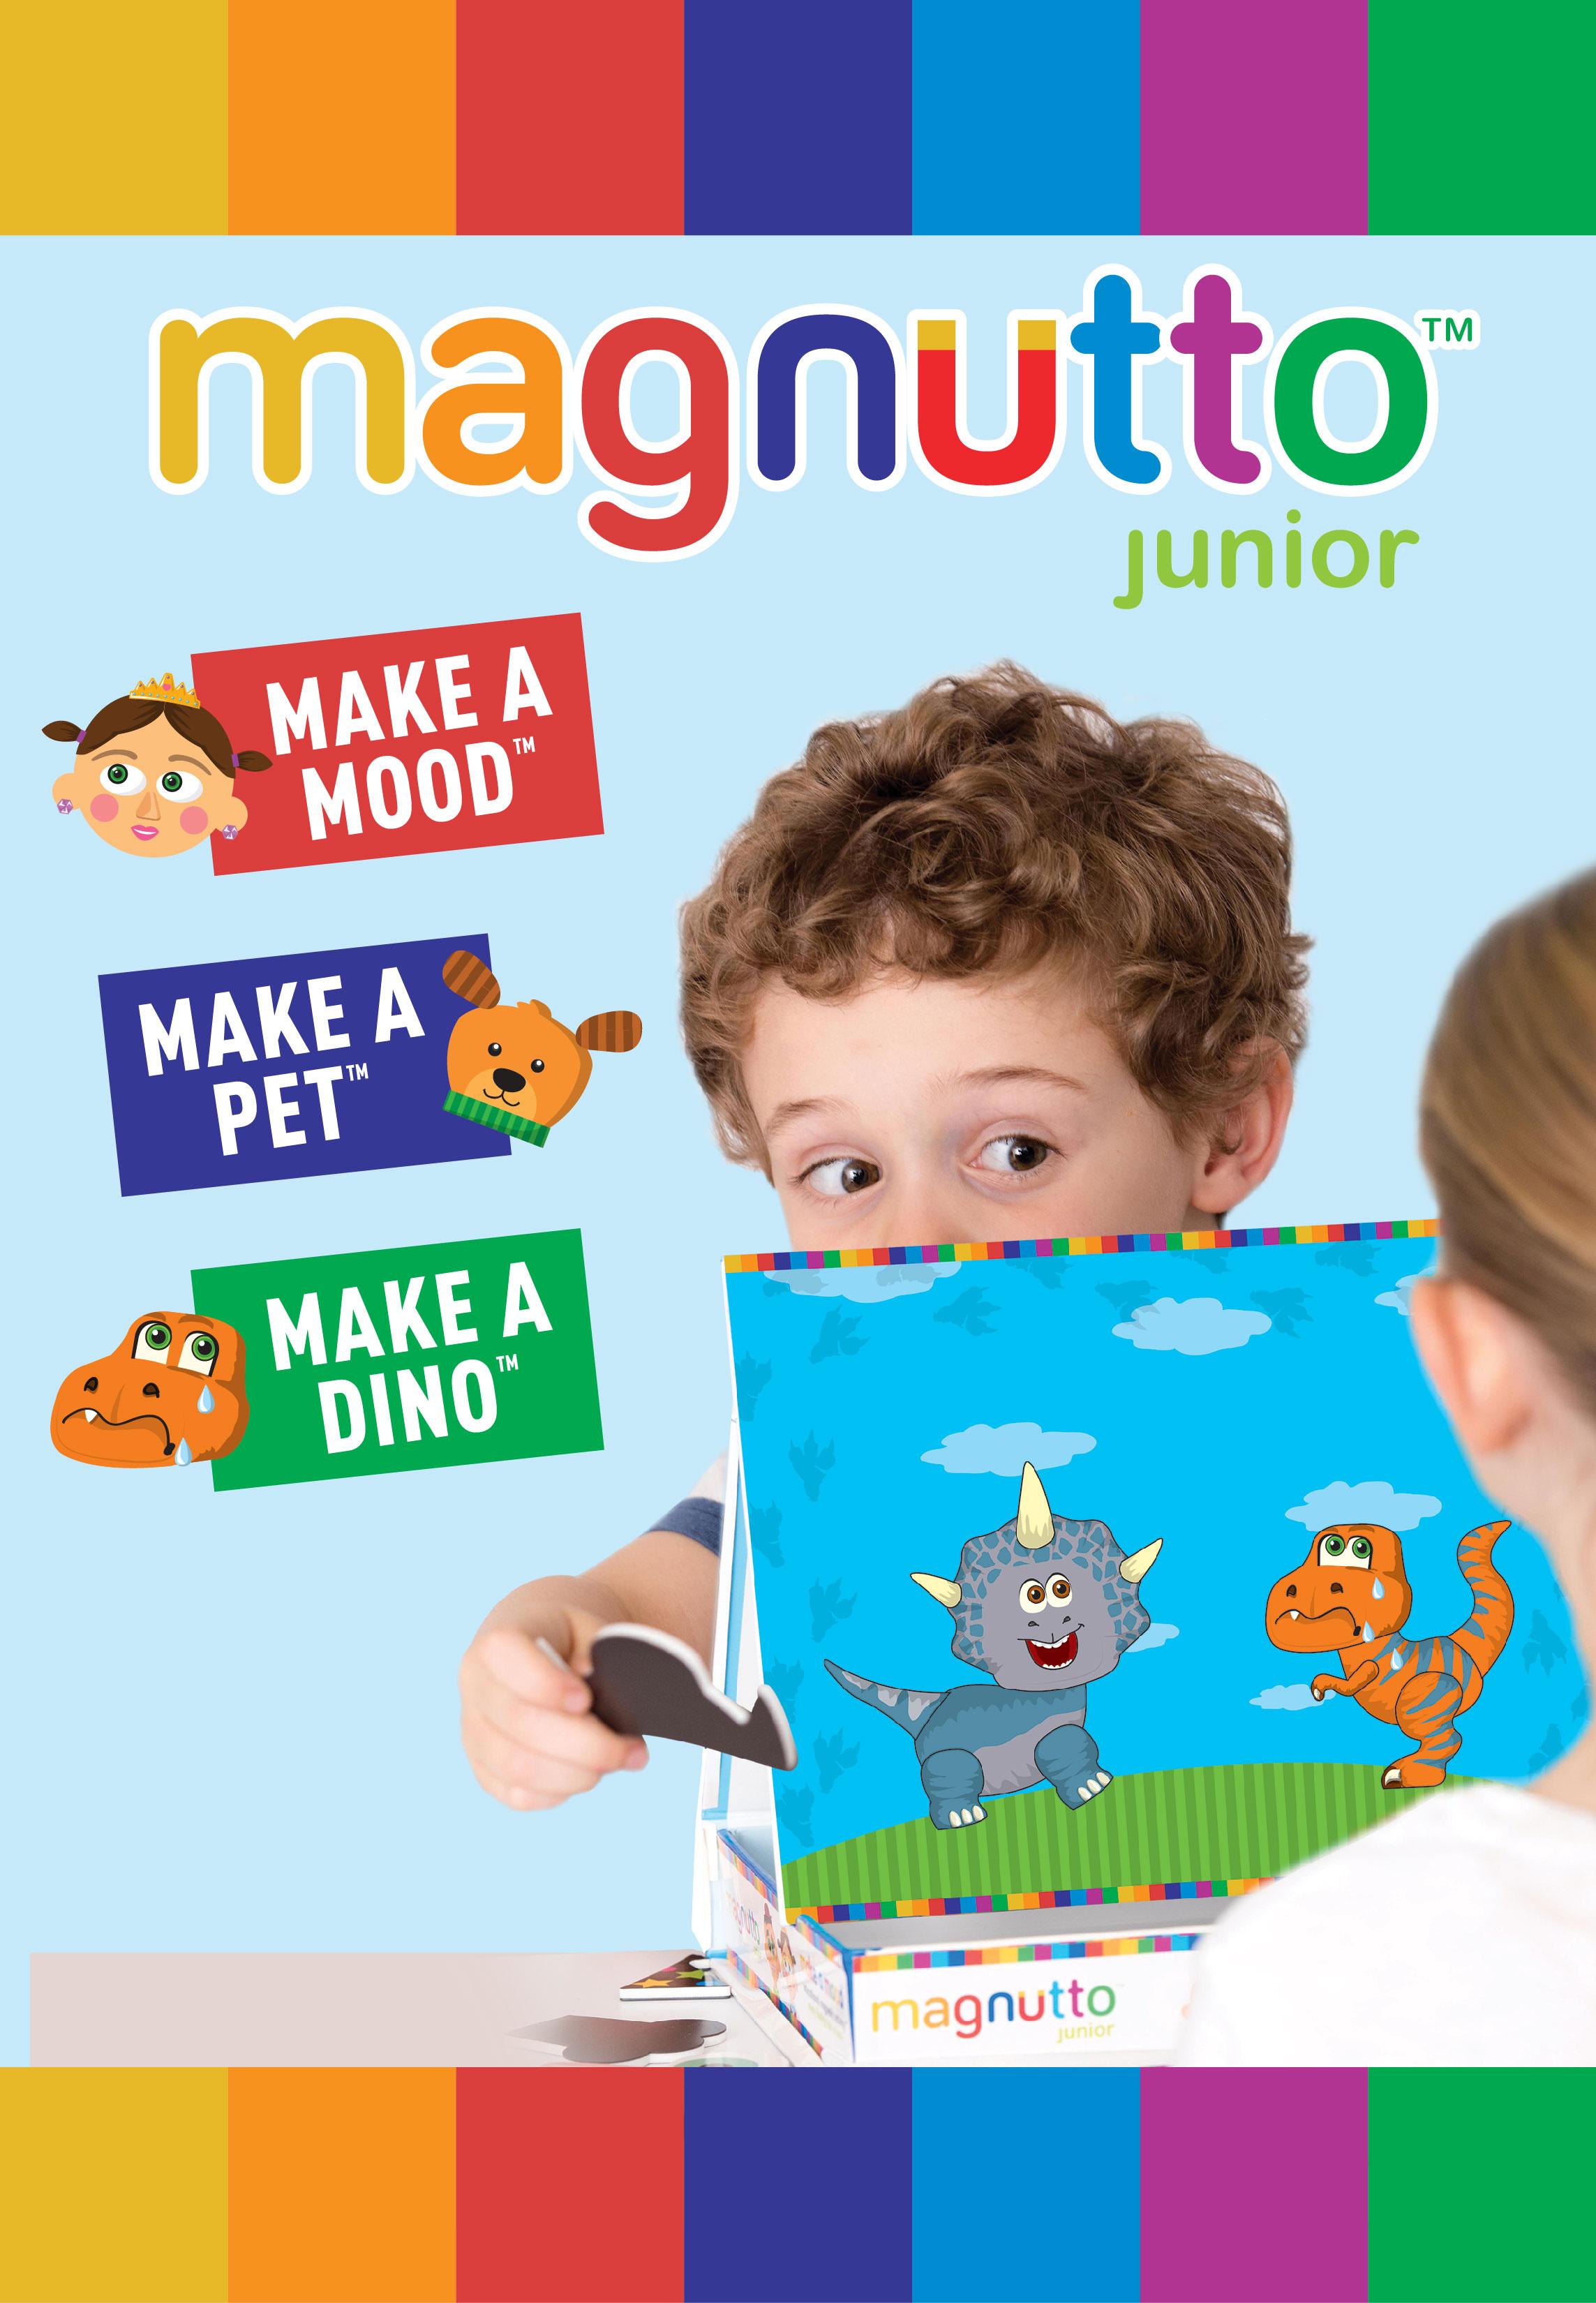 Magnutto-Signage-Header